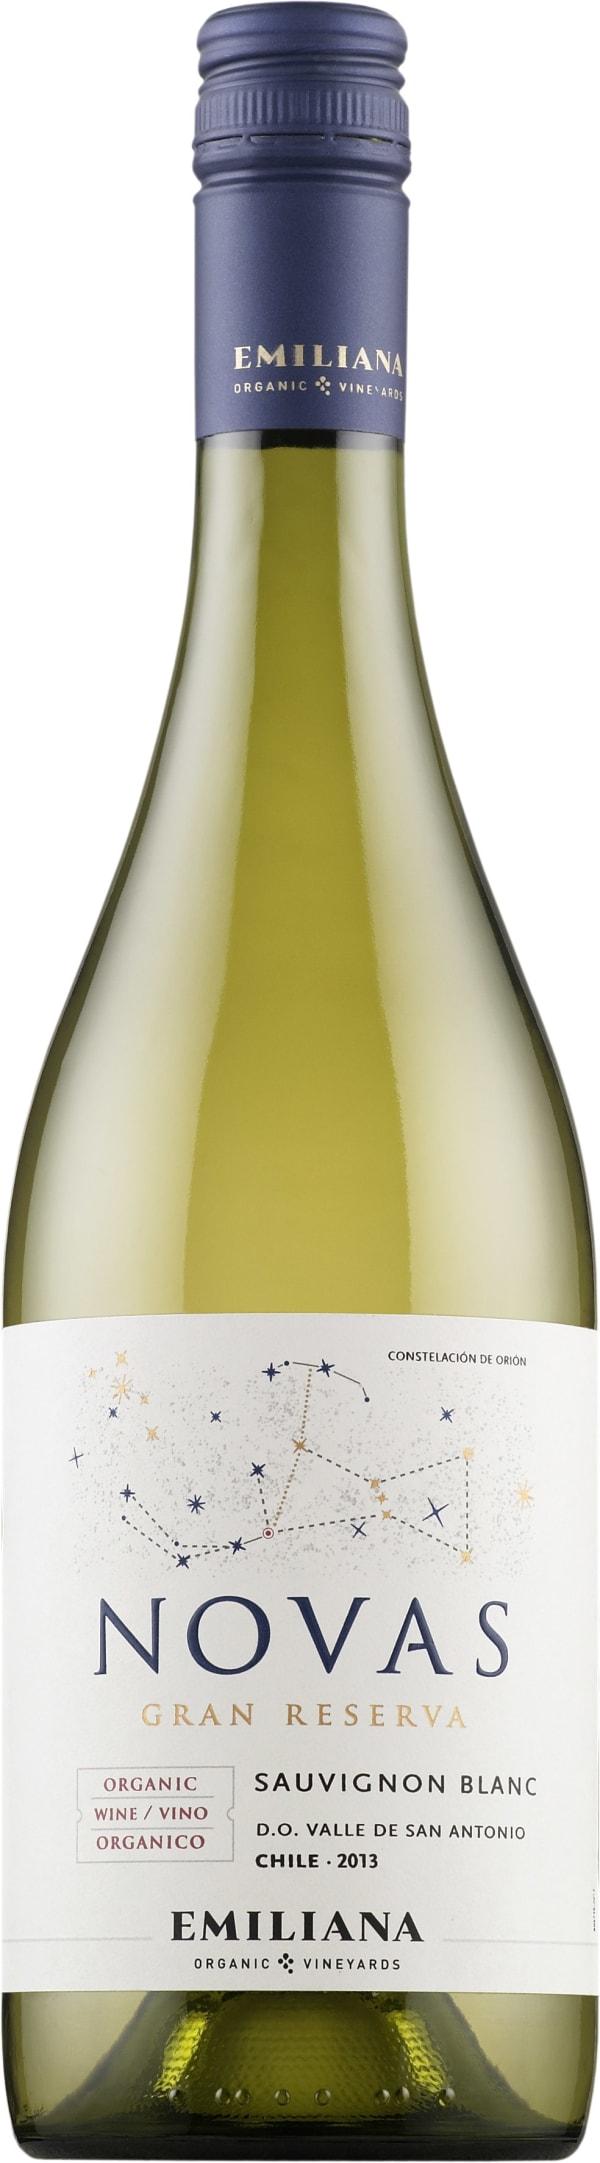 Novas Gran Reserva Sauvignon Blanc 2016